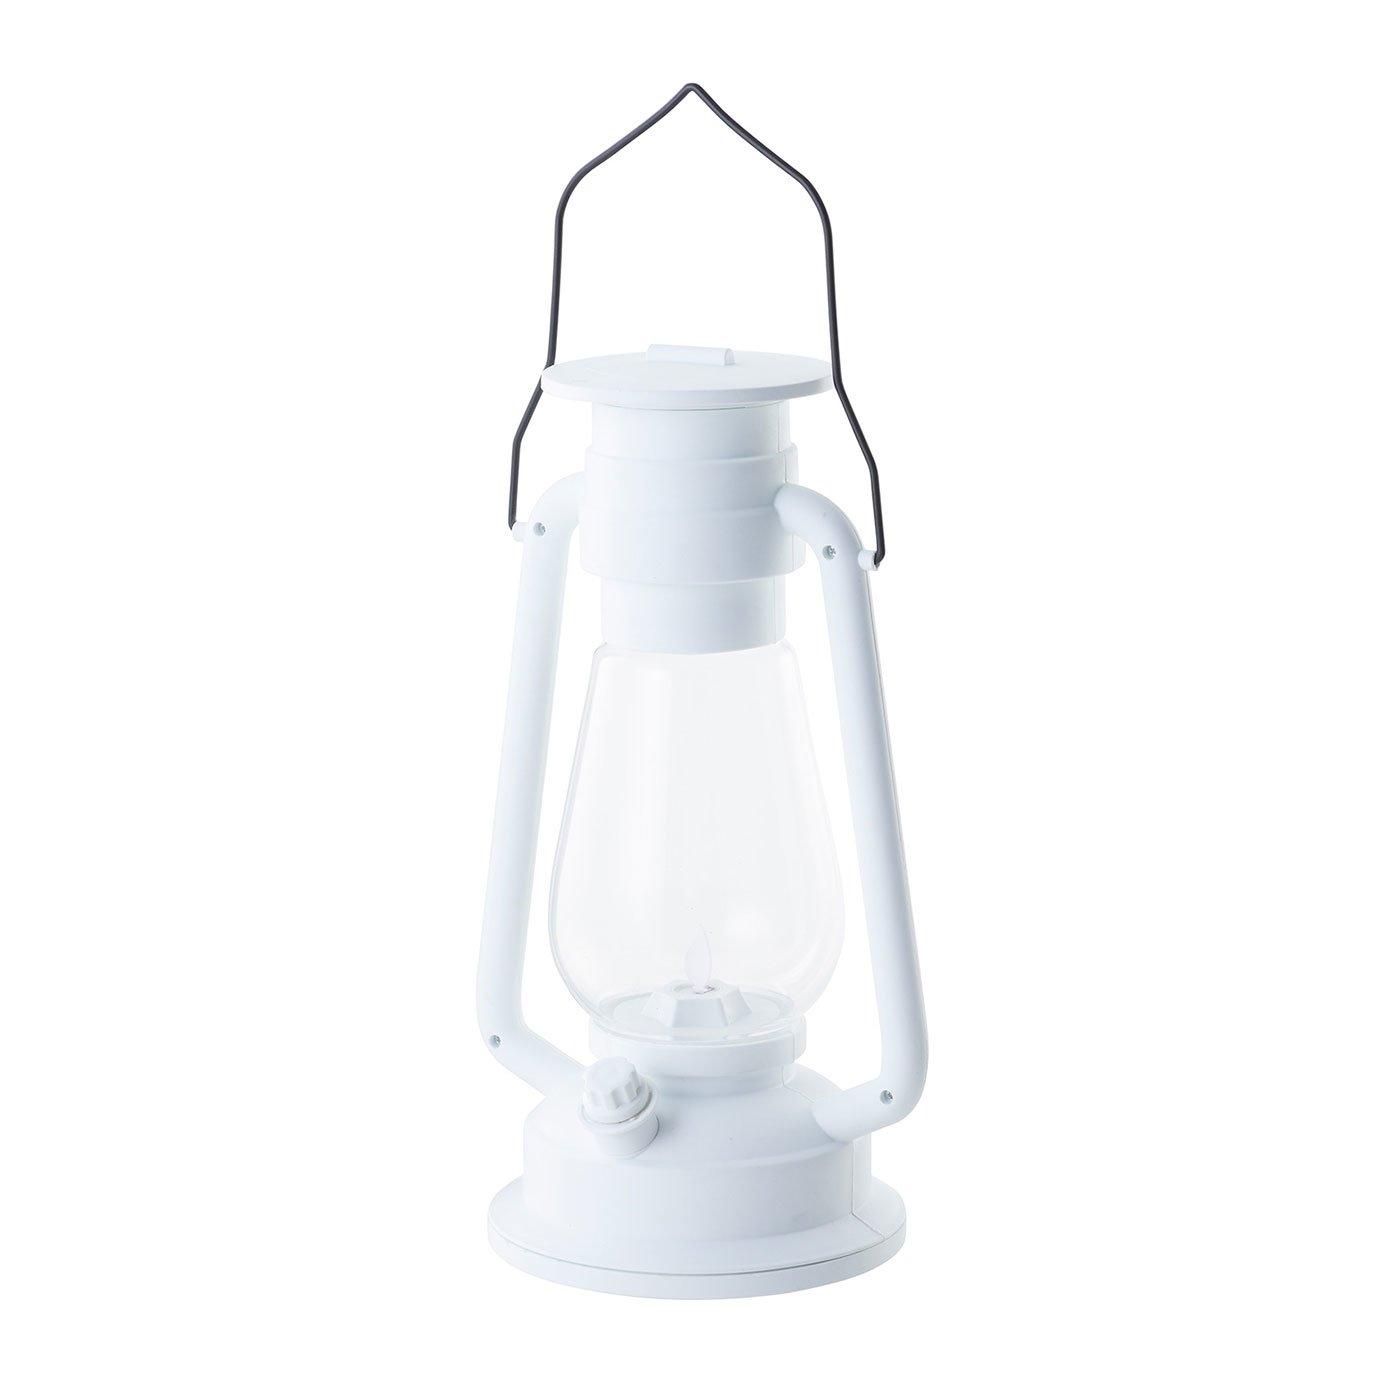 こころ落ち着く、くつろぎの灯り リューマル LED ランタン クラッシック